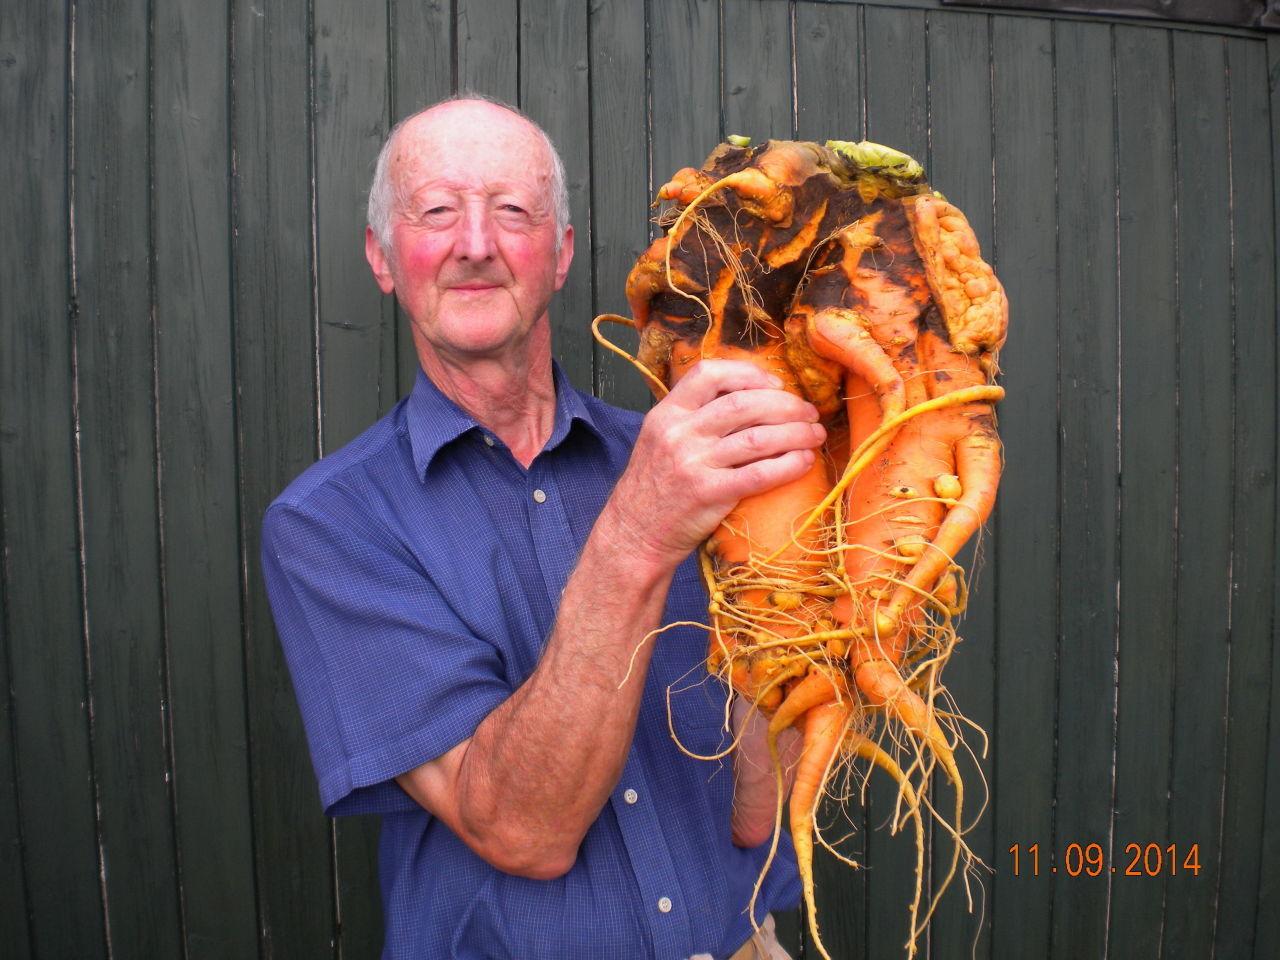 gallery-1433786890-heaviest-carrot